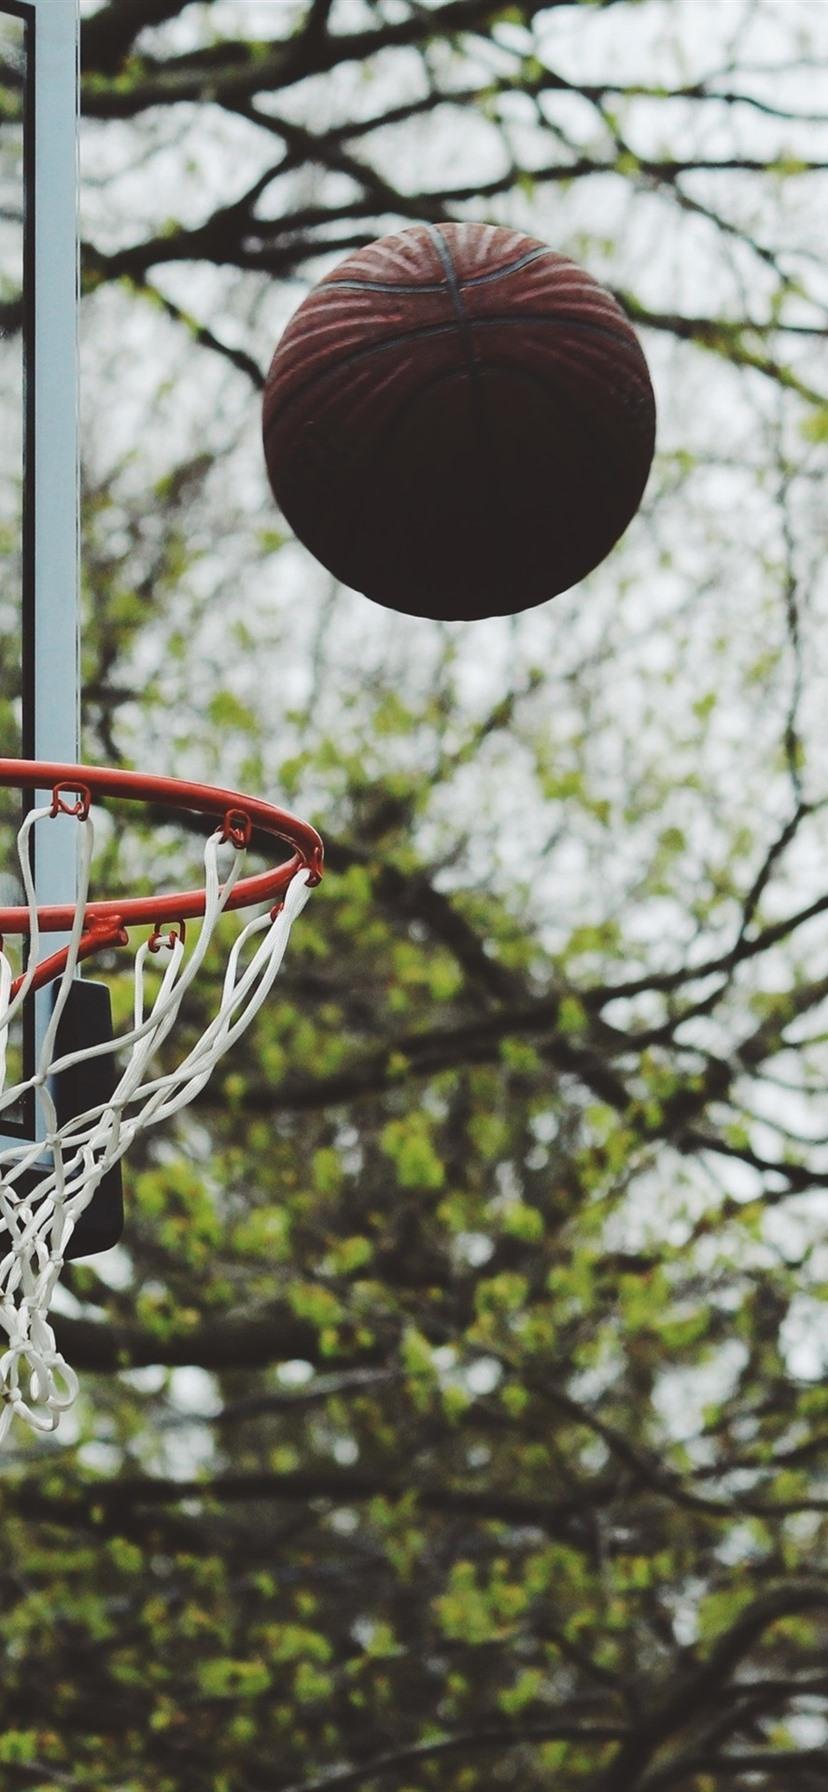 バスケットボール スローボール ボケ 1080x19 Iphone 8 7 6 6s Plus 壁紙 背景 画像